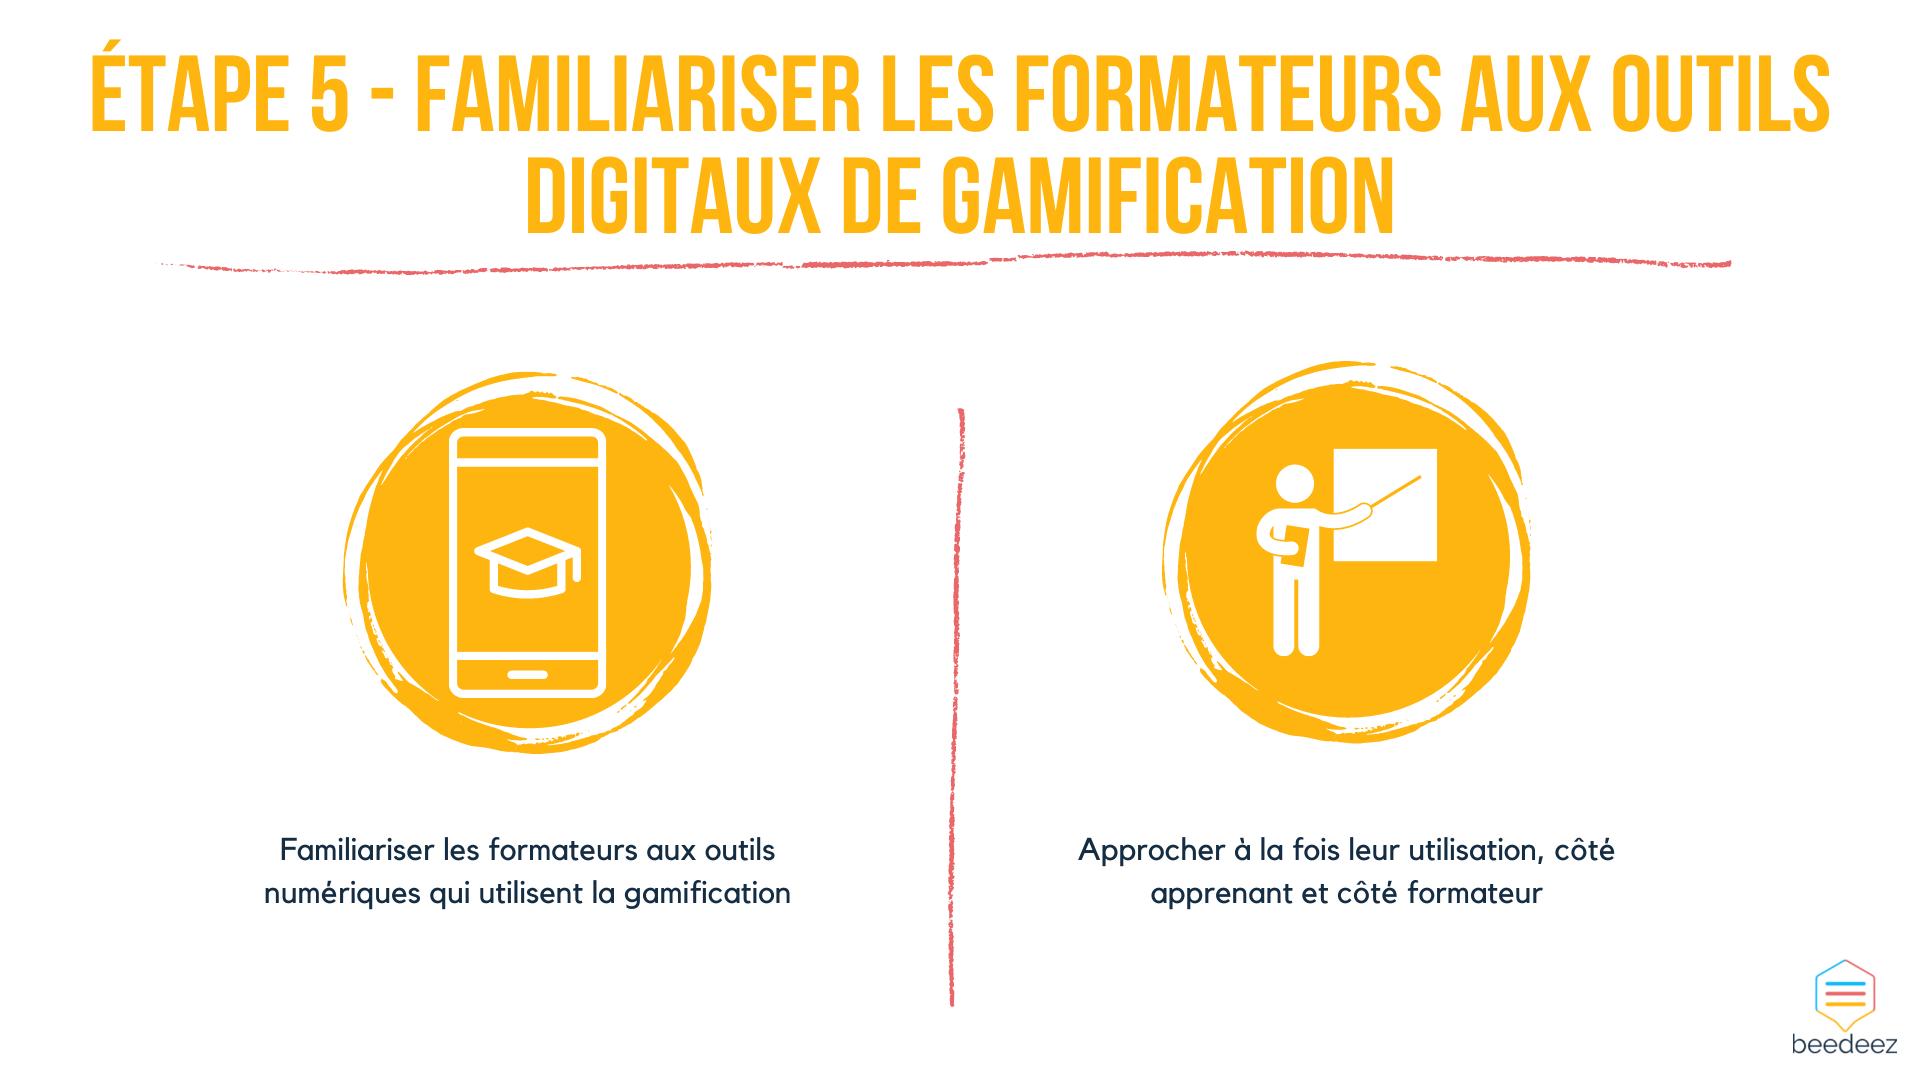 Familiariser les formateurs aux outils digitaux de gamification